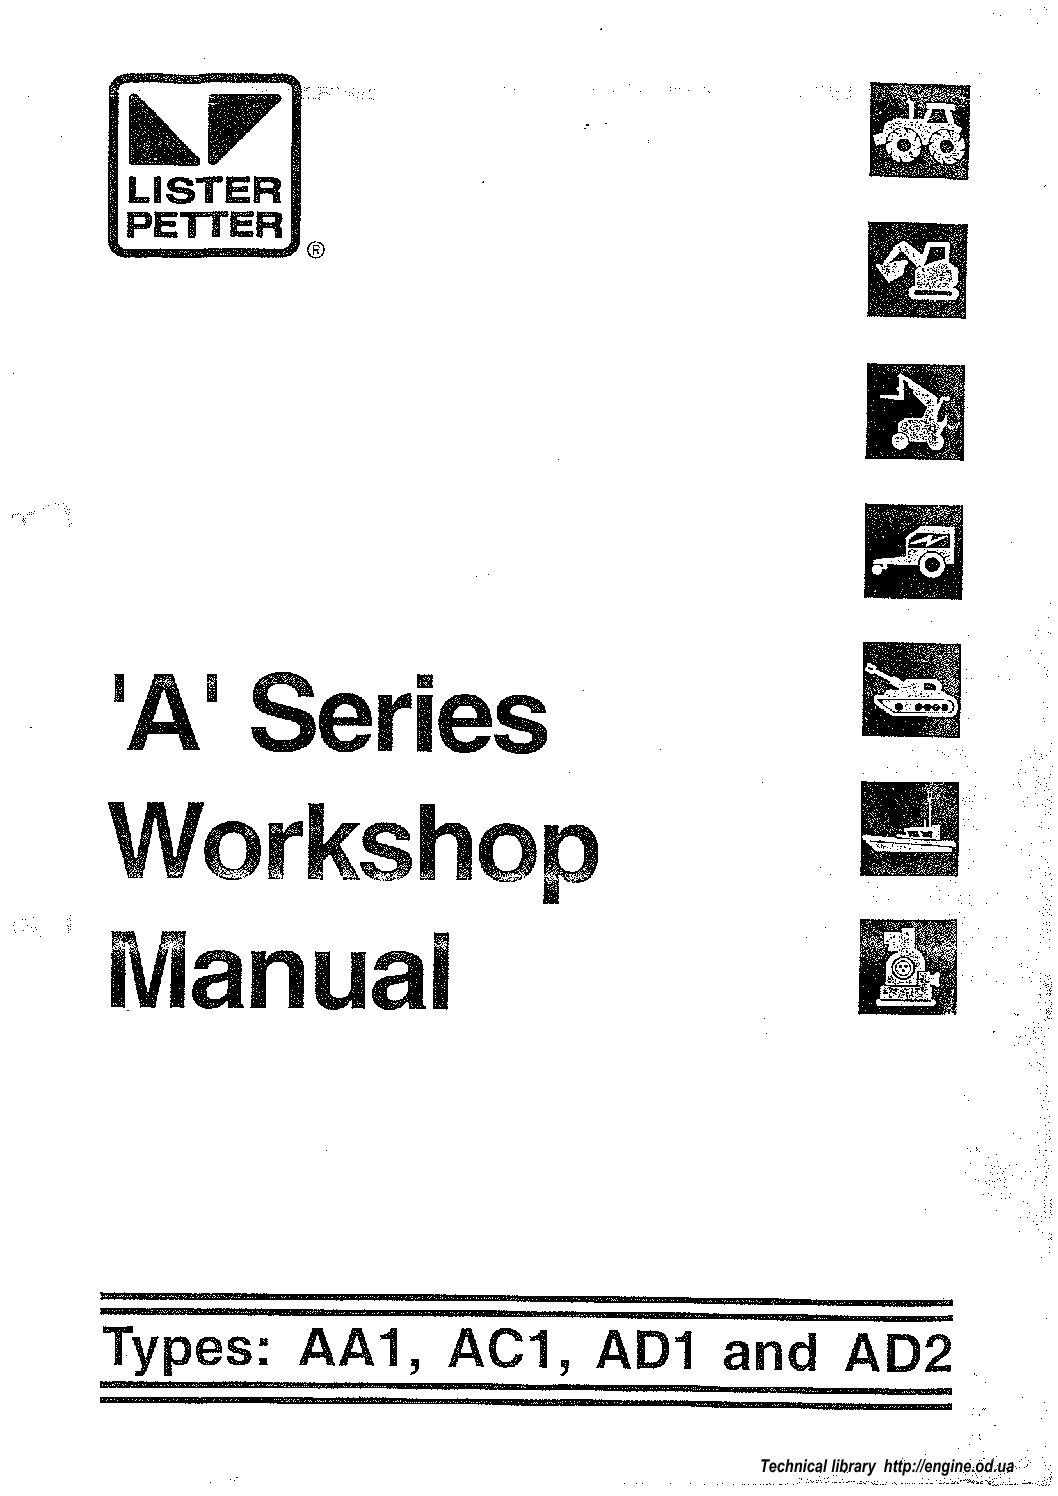 Motor Diesel Lister Petter Serie A Manual De Taller